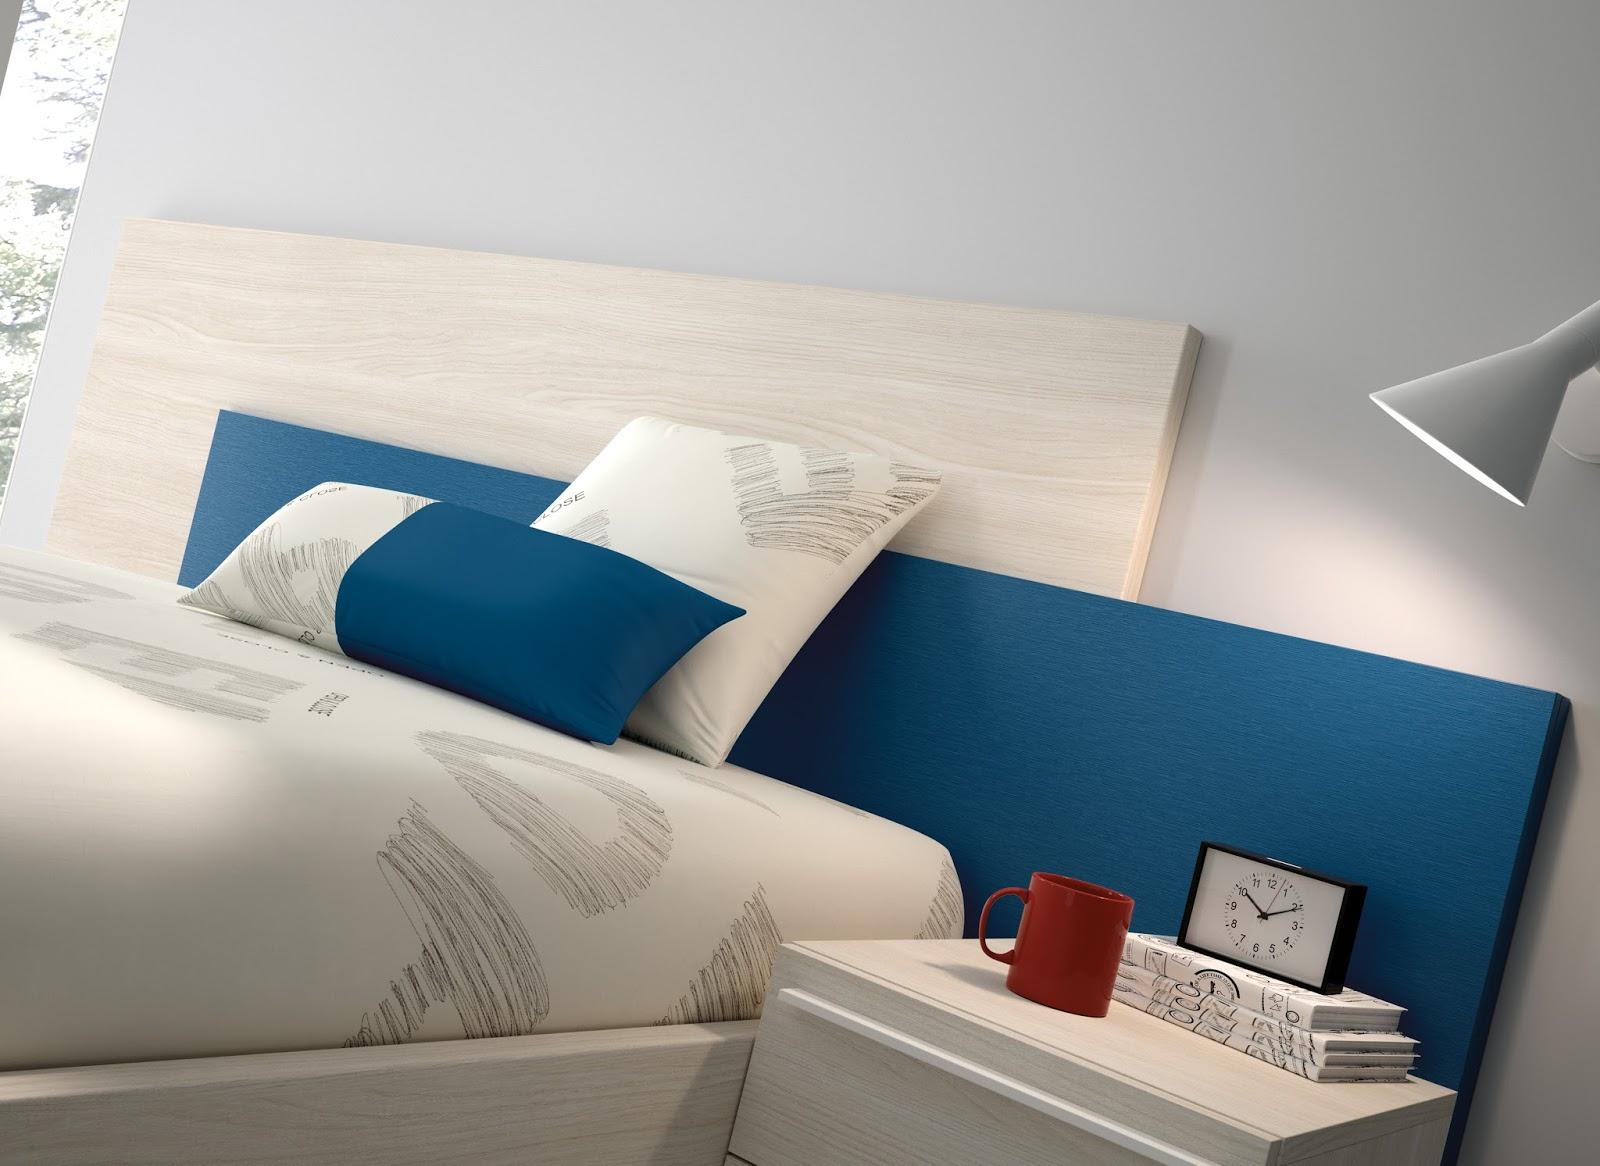 mobilier enfant et junior vers o il faudrait placer le lit. Black Bedroom Furniture Sets. Home Design Ideas